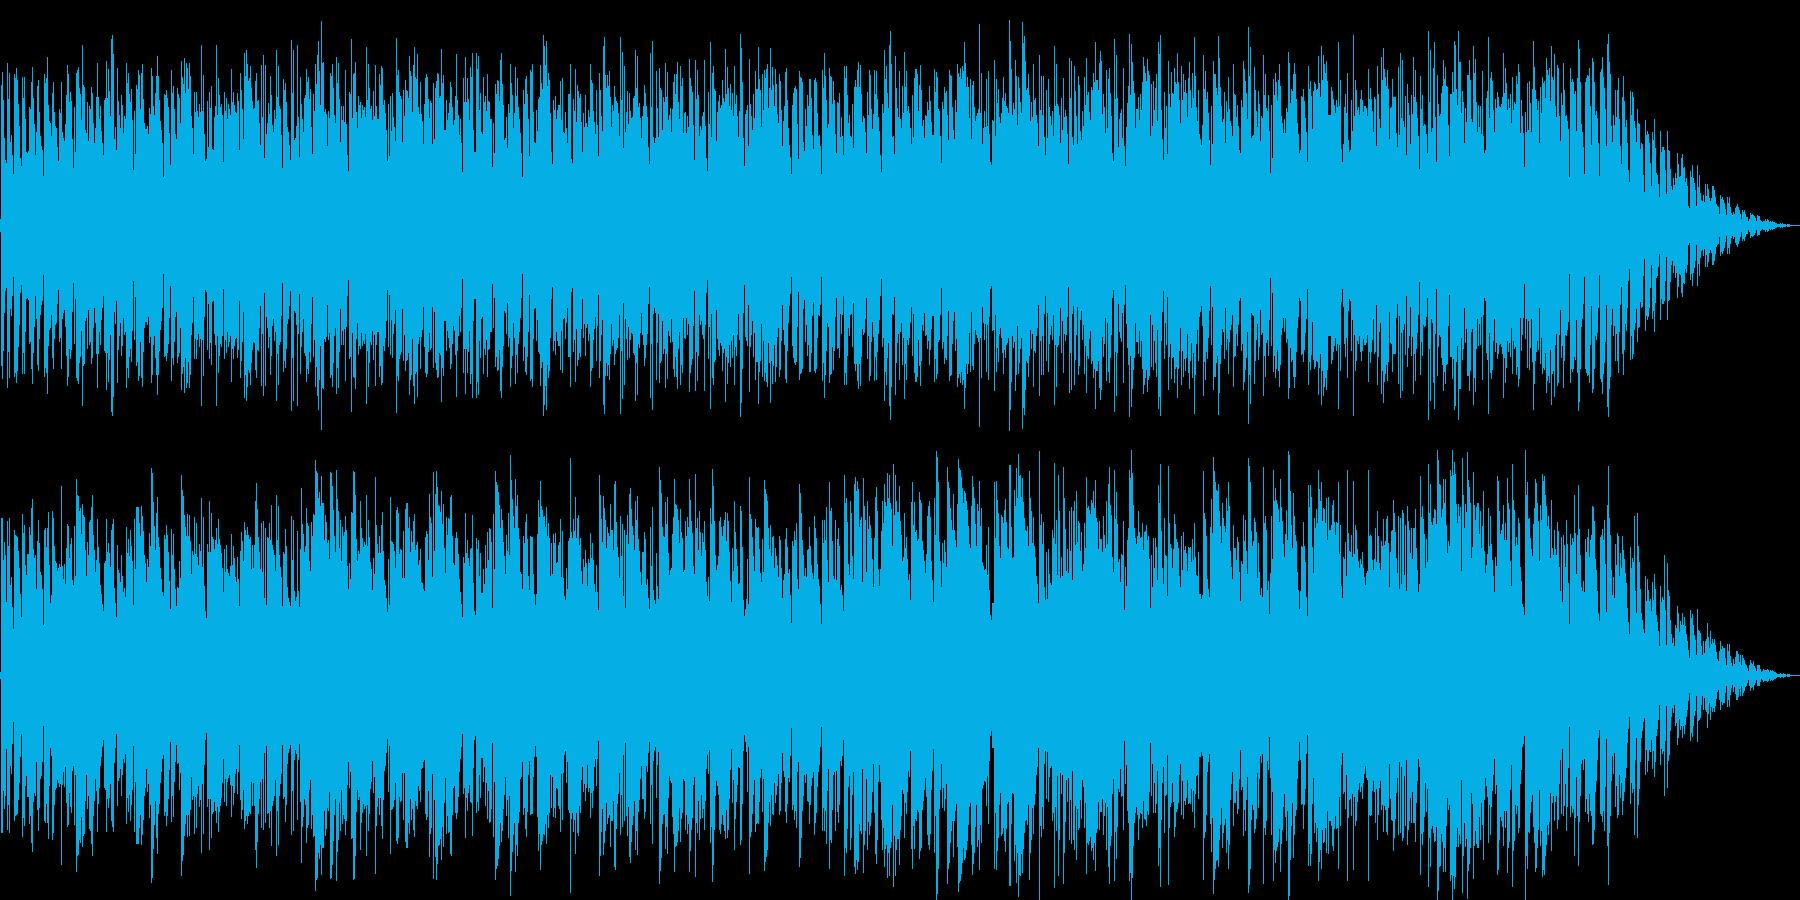 おしゃれなギターのイージーリスニングの再生済みの波形